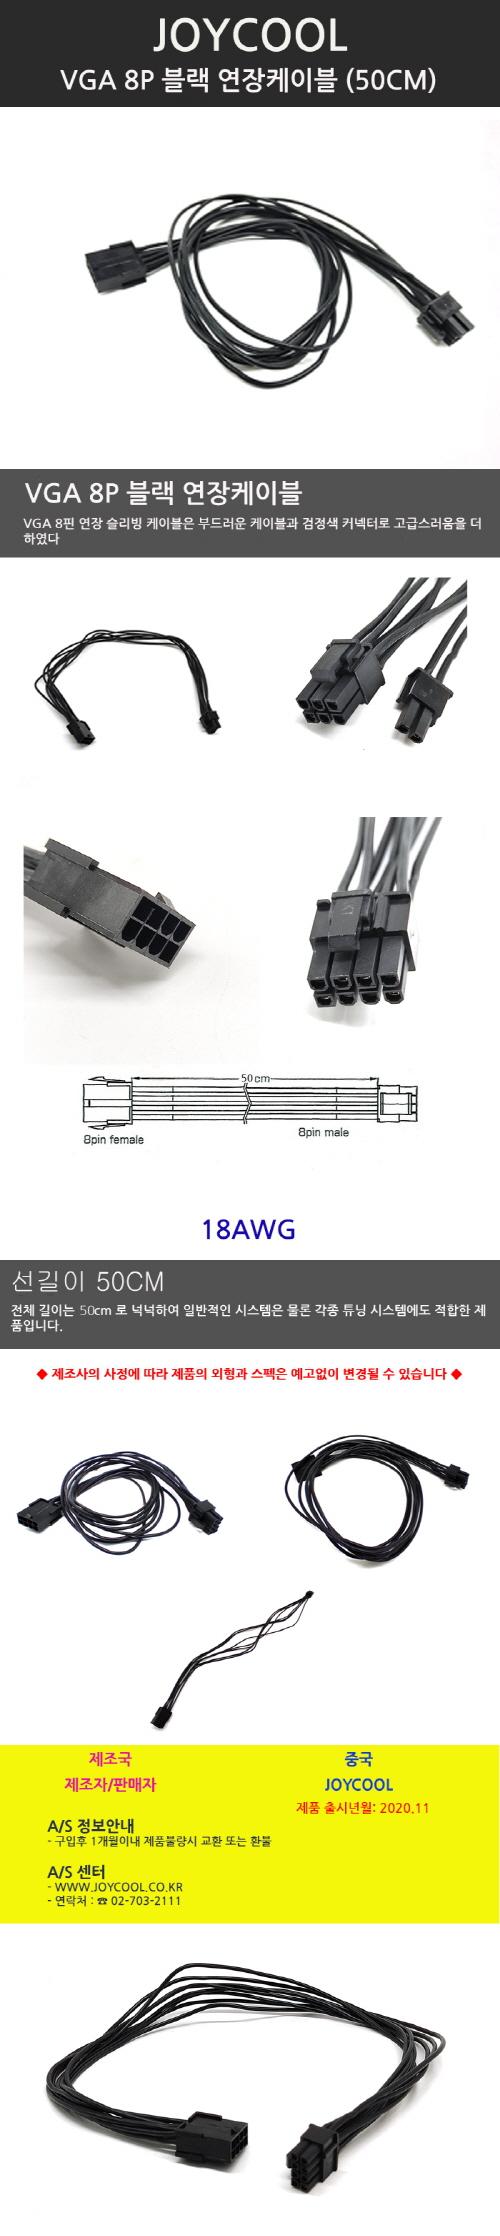 조이쿨 조이쿨 VGA 8핀 연장 케이블 (블랙, 0.5m)